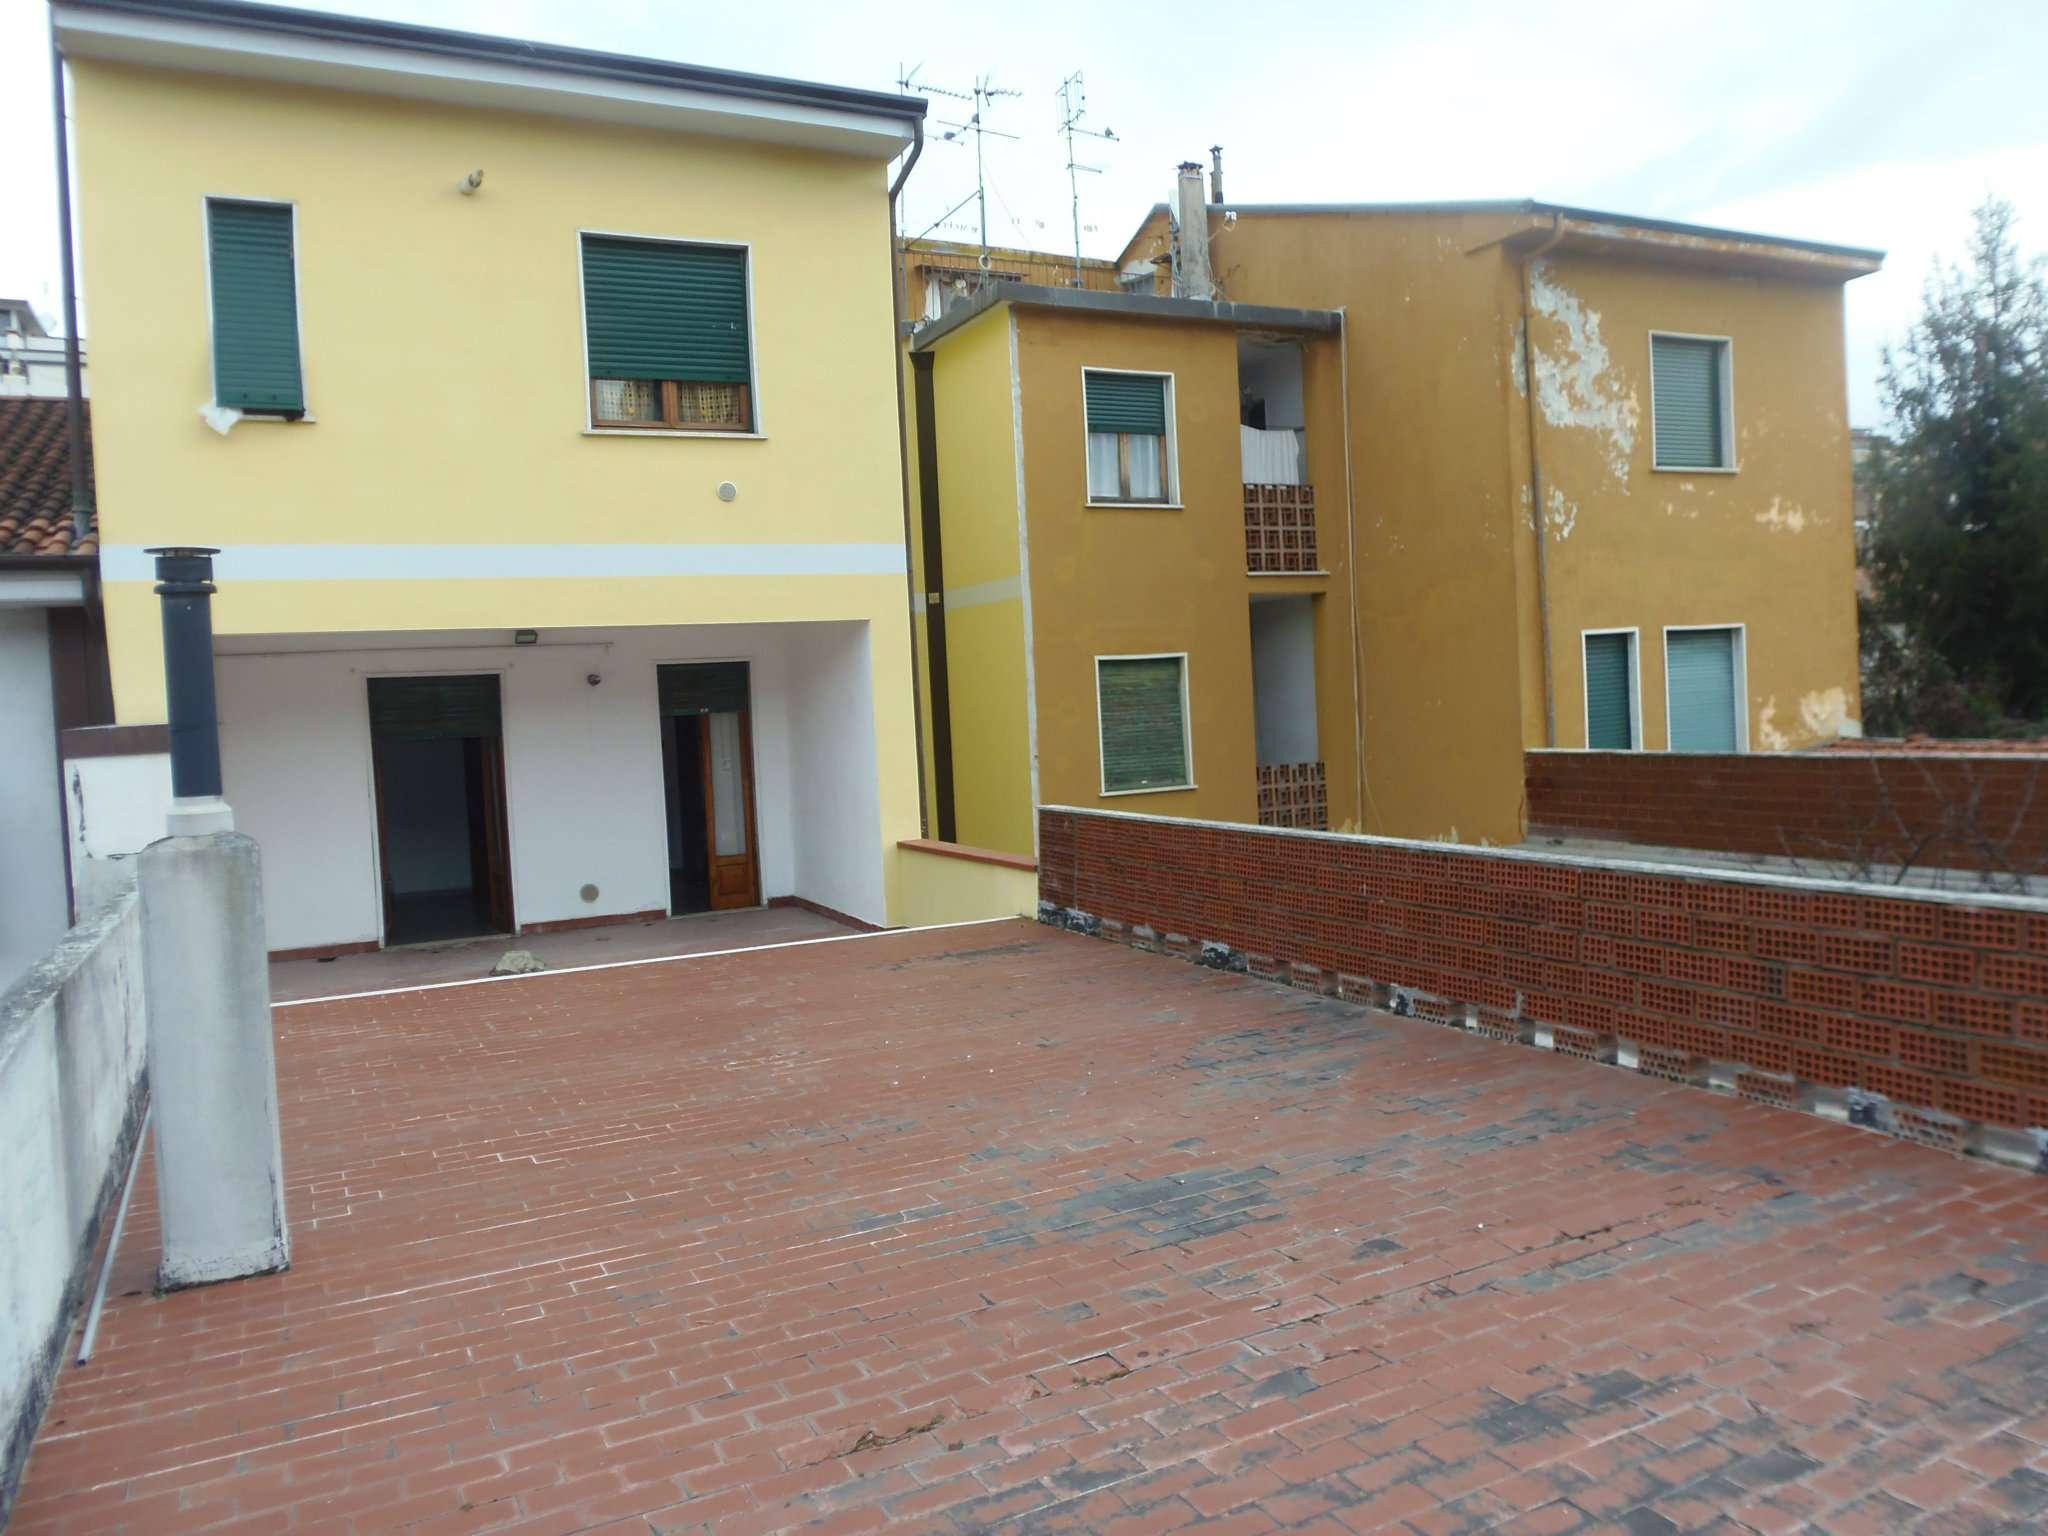 Palazzo / Stabile in vendita a Carrara, 9999 locali, prezzo € 660.000 | Cambio Casa.it